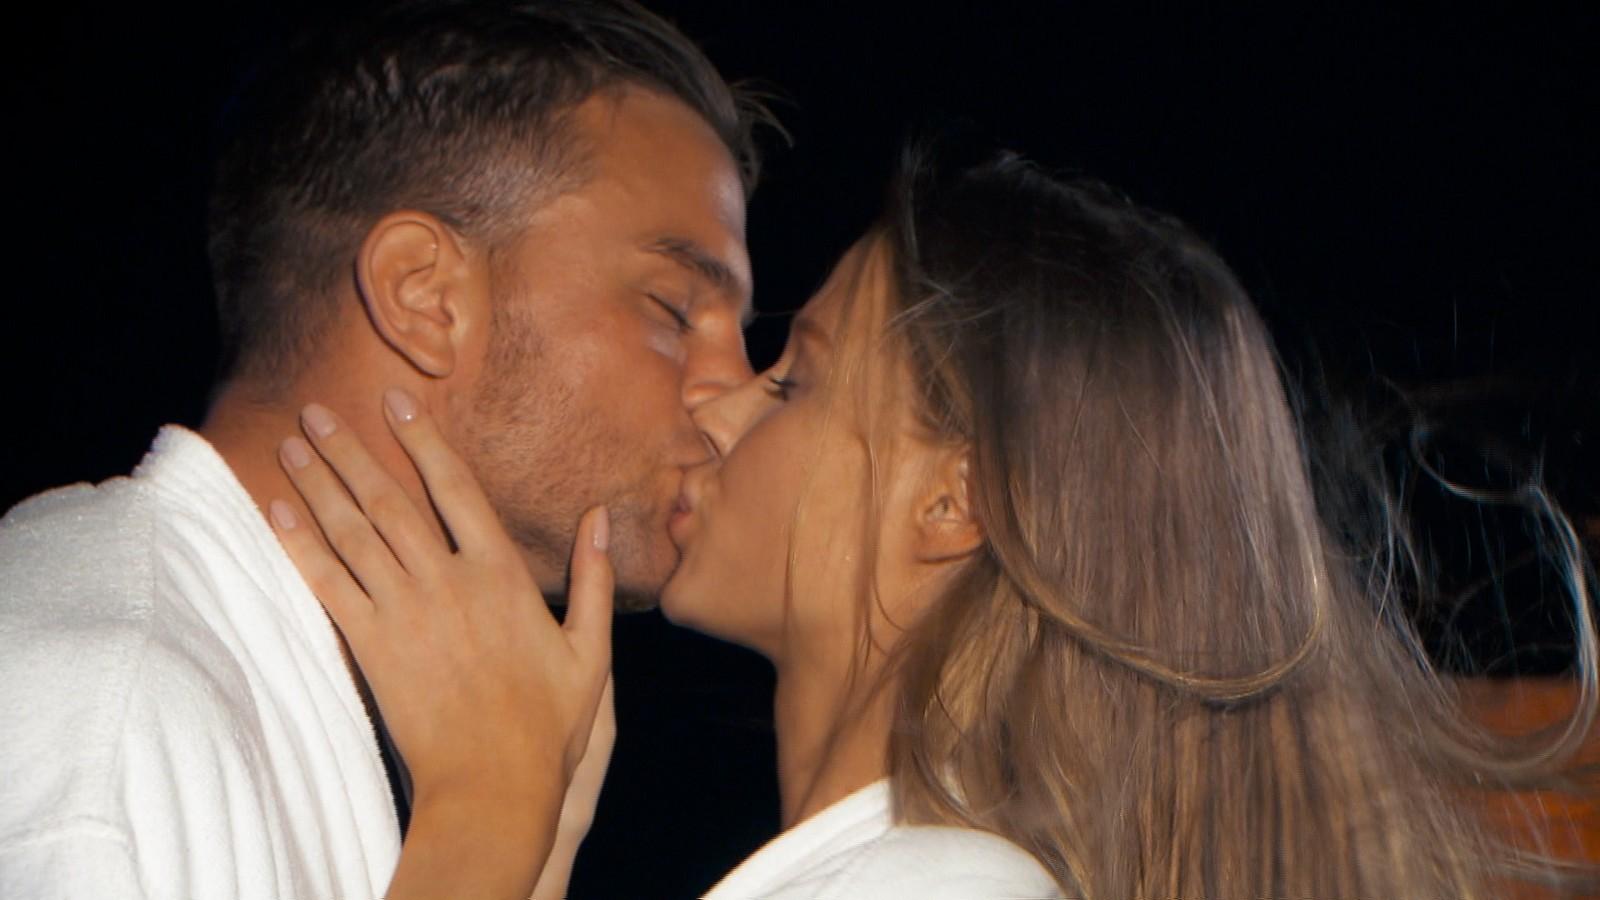 Sebastian und Leah küssen sich